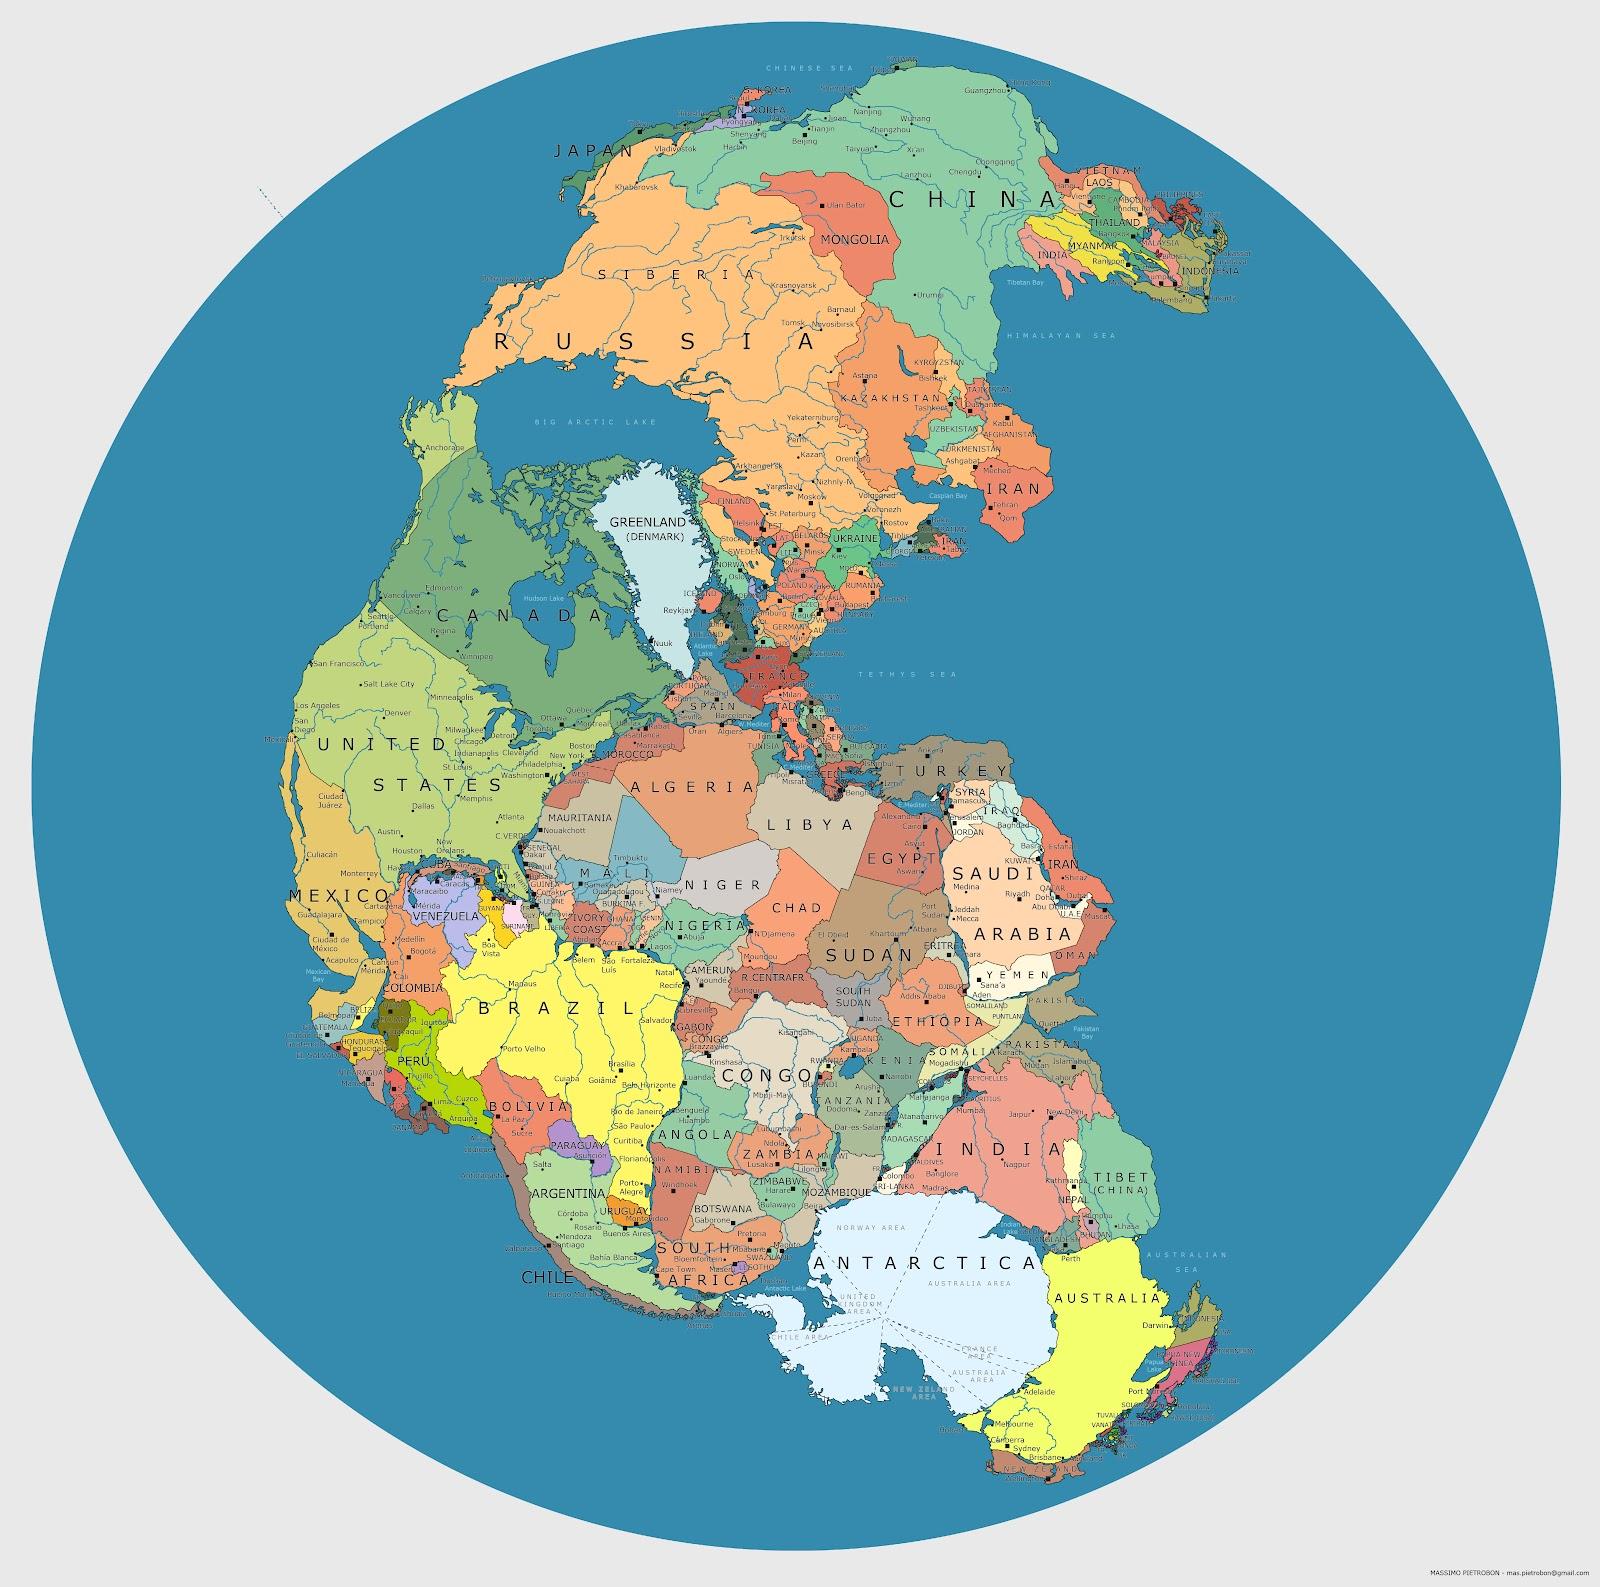 Сучасна політична карта світу на континенті Пангея